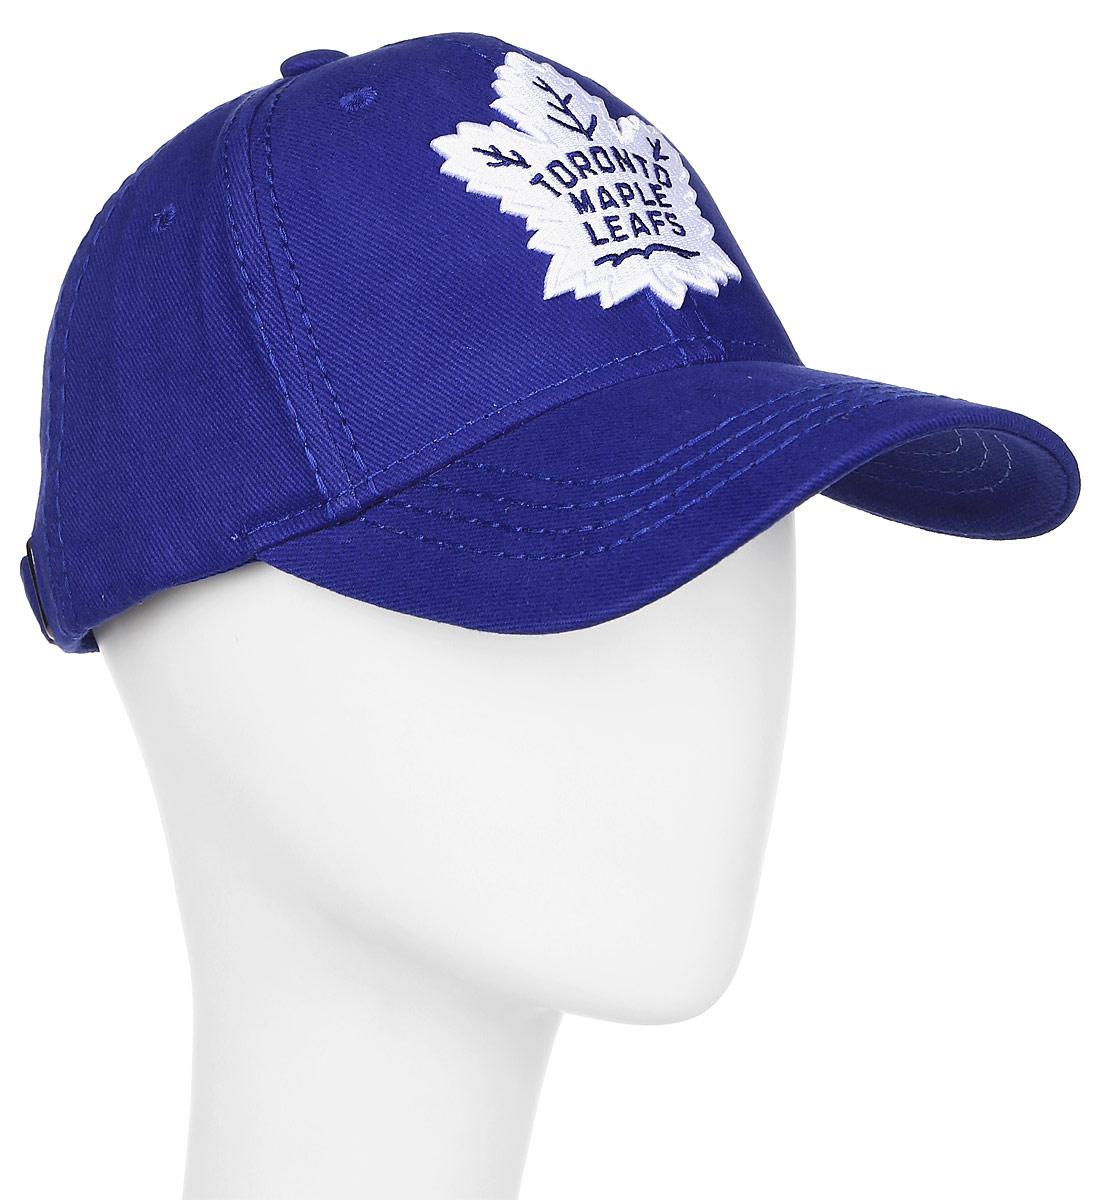 Бейсболка детская Atributika & Club Toronto Maple Leafs, цвет: синий. 29087. Размер 52/5429087Бейсболка с логотипом ХК Toronto Maple Leafs выполнена из высококачественного материала. Модель дополнена широким твердым козырьком и оформлена объемной вышивкой. Бейсболка имеет перфорацию, обеспечивающую необходимую вентиляцию. Объем изделия регулируется фиксатором.